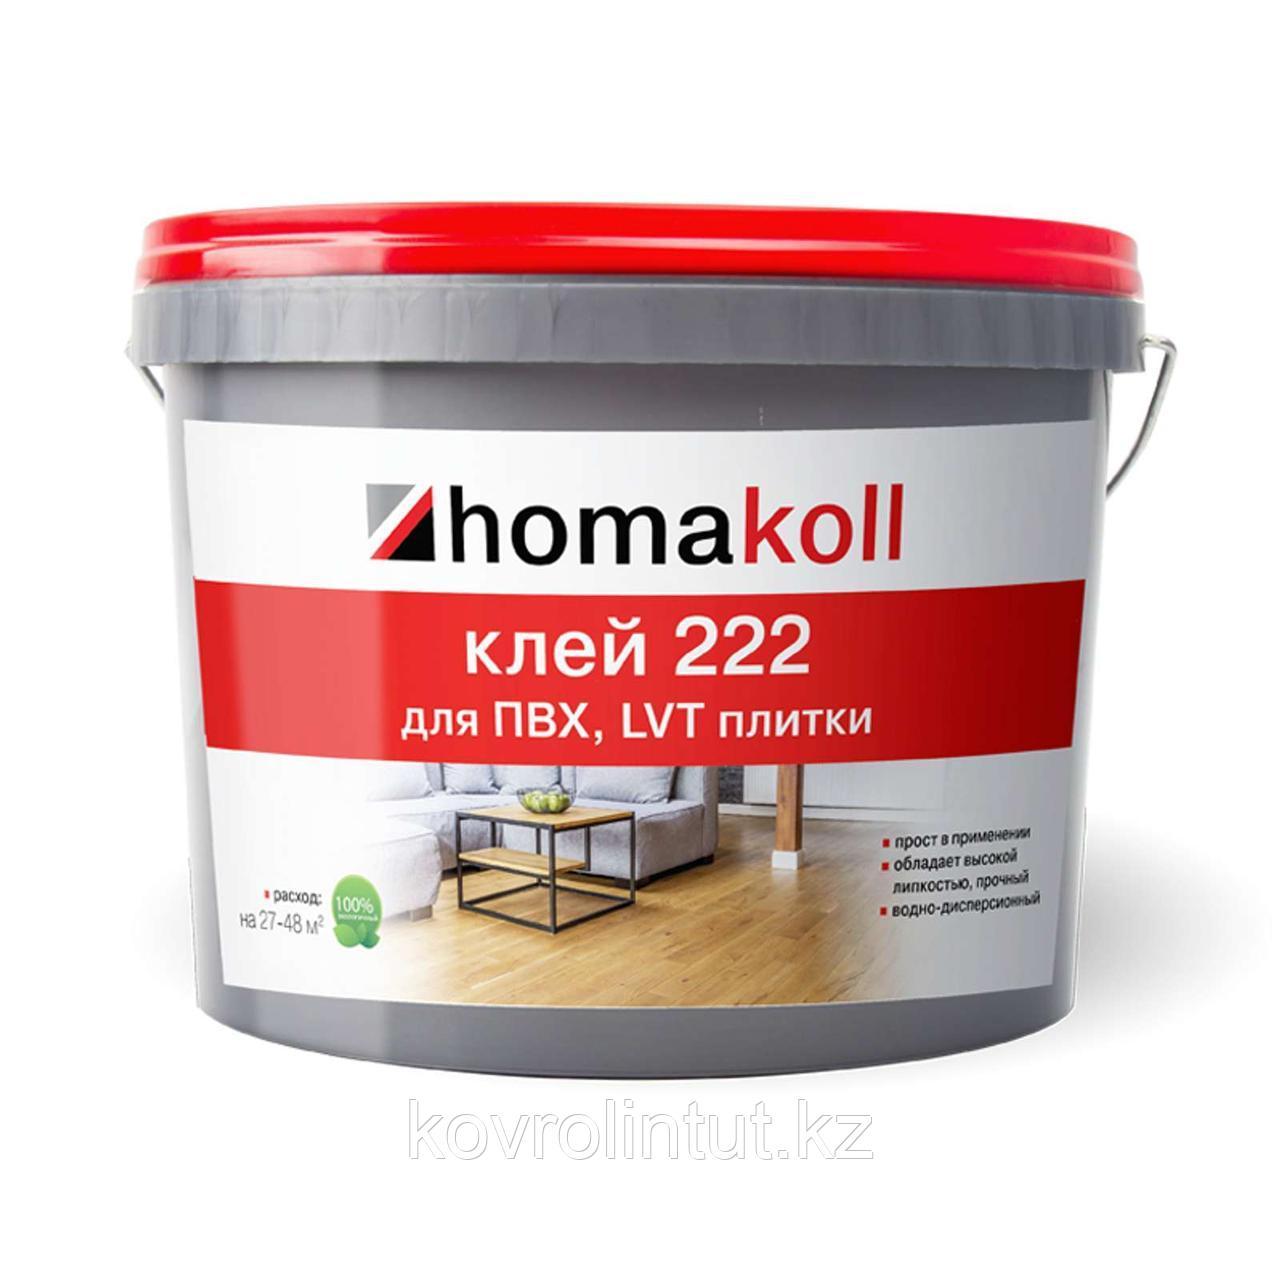 Клей Homakoll 222, 3,5кг для ПВХ и LVT плитки